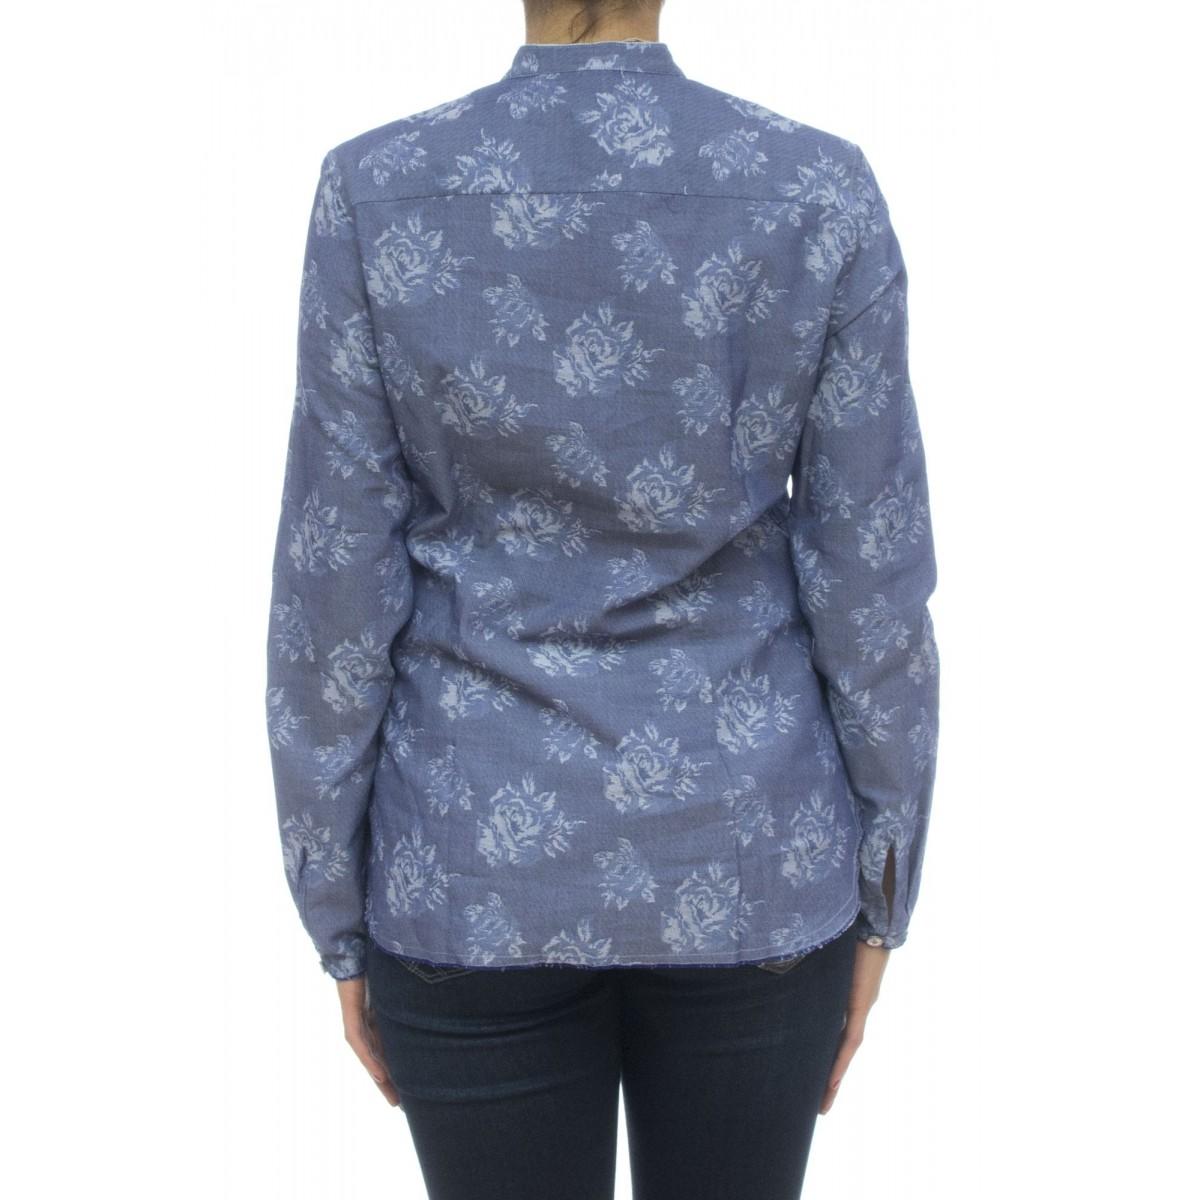 Camicia donna - Zm0 rr9